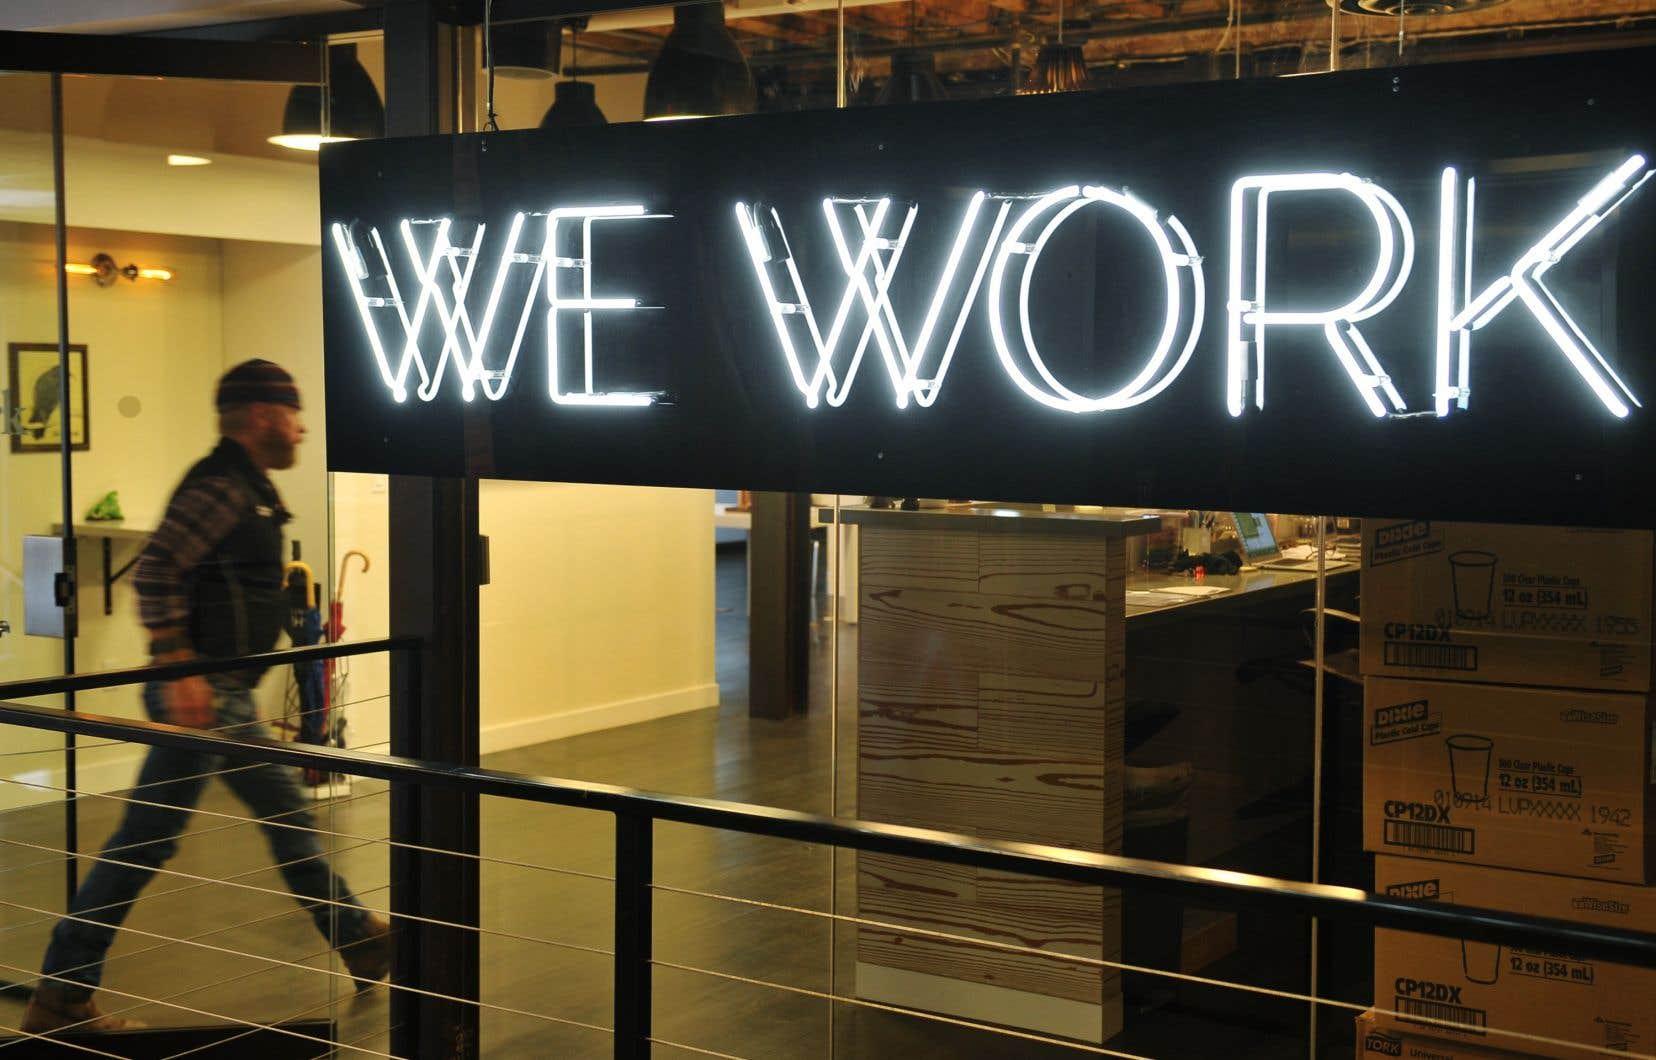 WeWork devait démarrer la veille la tournée de promotion de l'entreprise auprès de potentiels investisseurs pour un baptême du feu la semaine du 23septembre sur le Nasdaq.